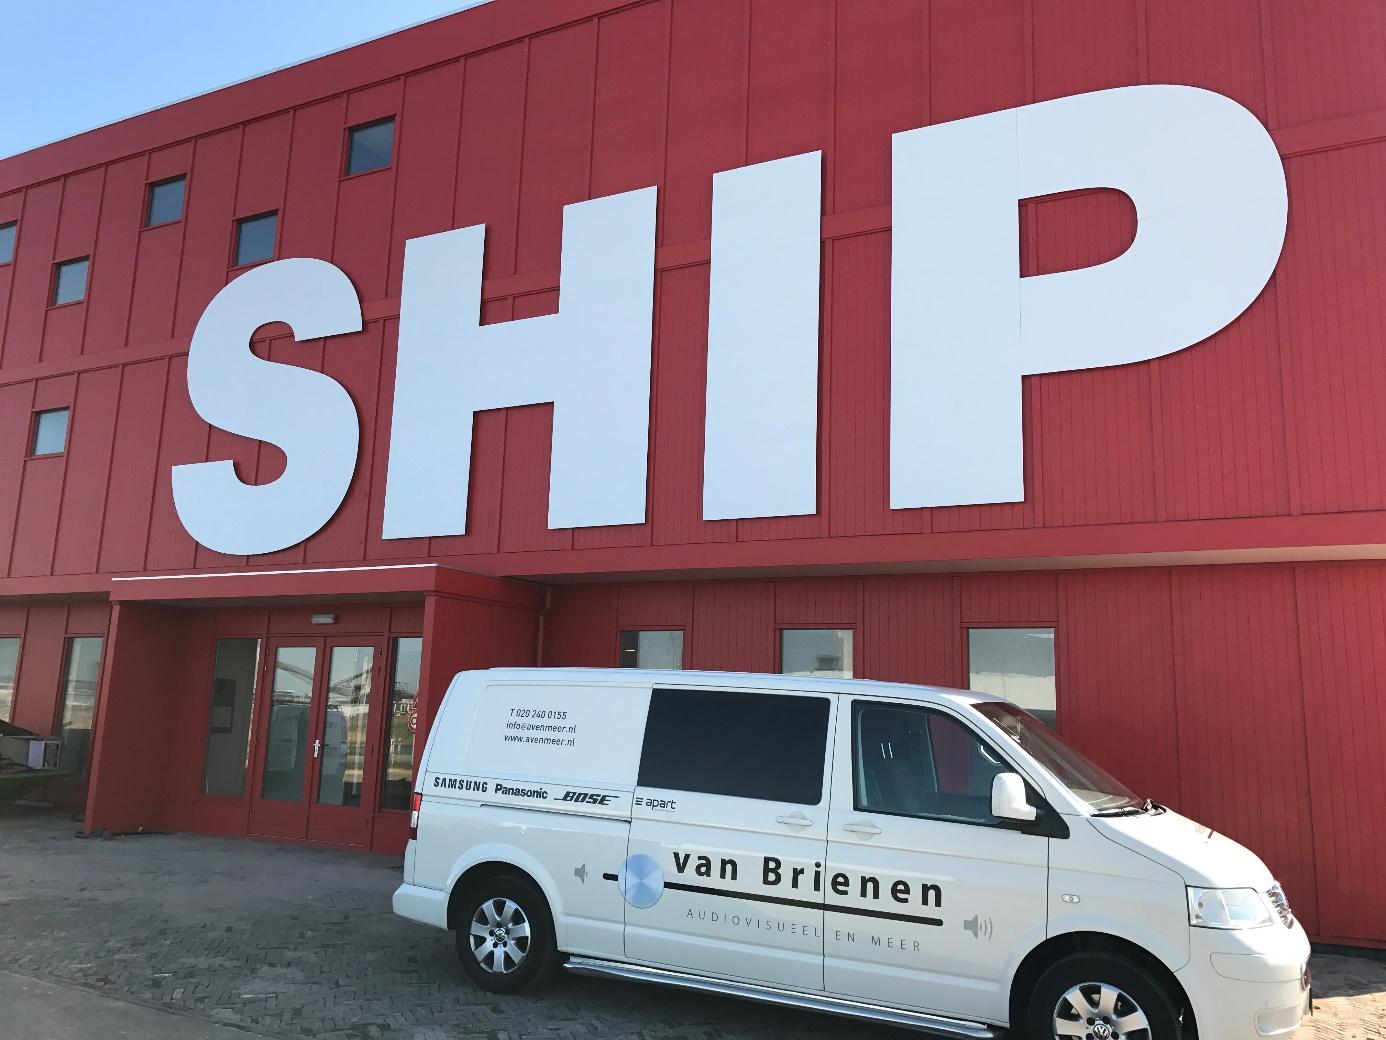 Ship-ijmuiden-bus-van-brienen-avenmeer